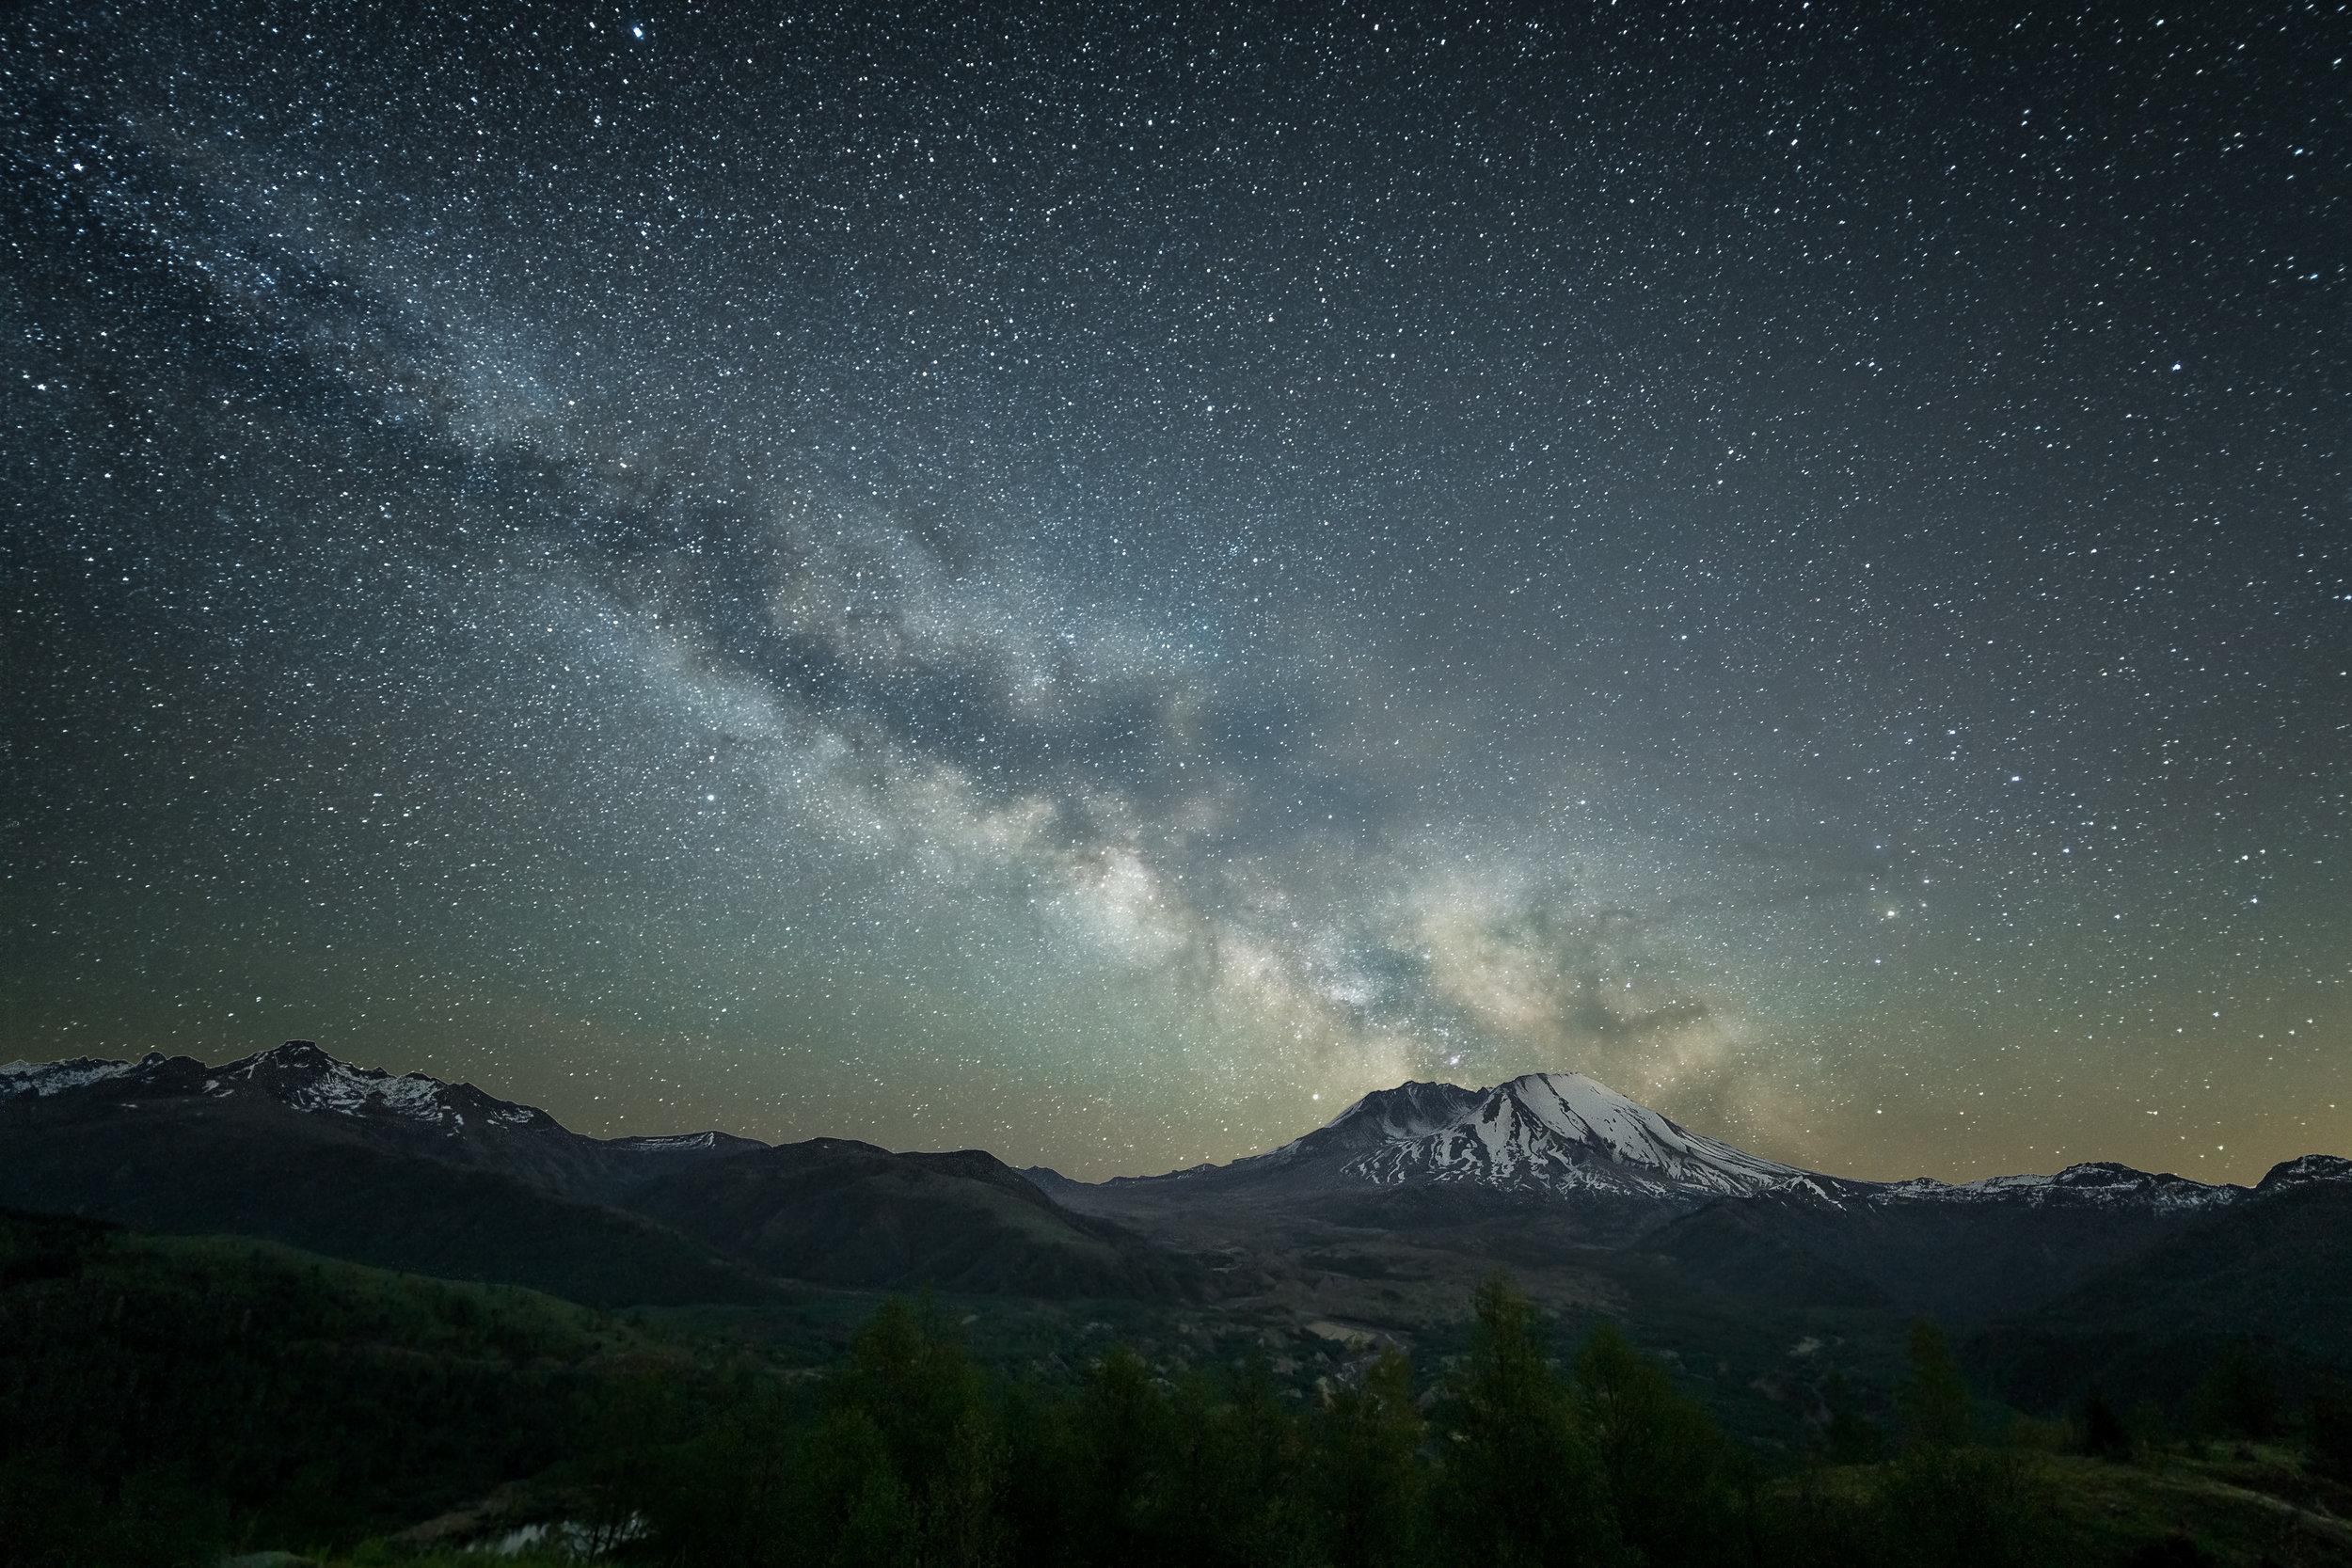 2018-05-14 Mt St Helens Stars_20180514_helensmilkyway_09119-median.jpg